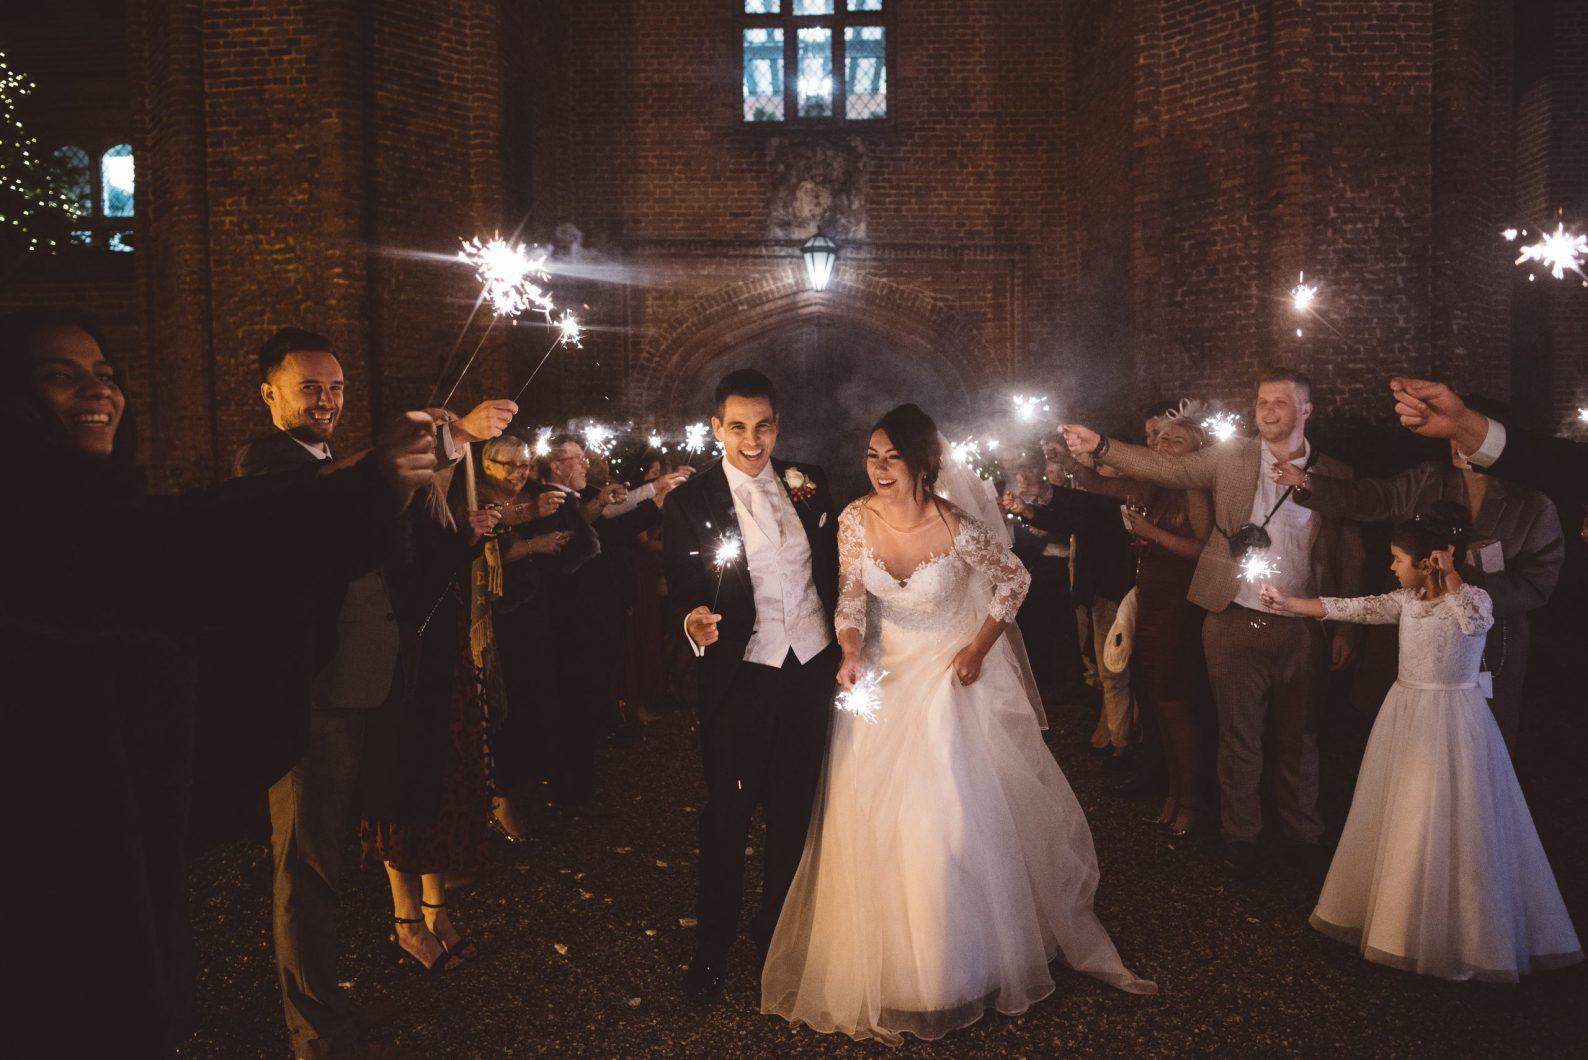 Wedding photographer Leez Priory